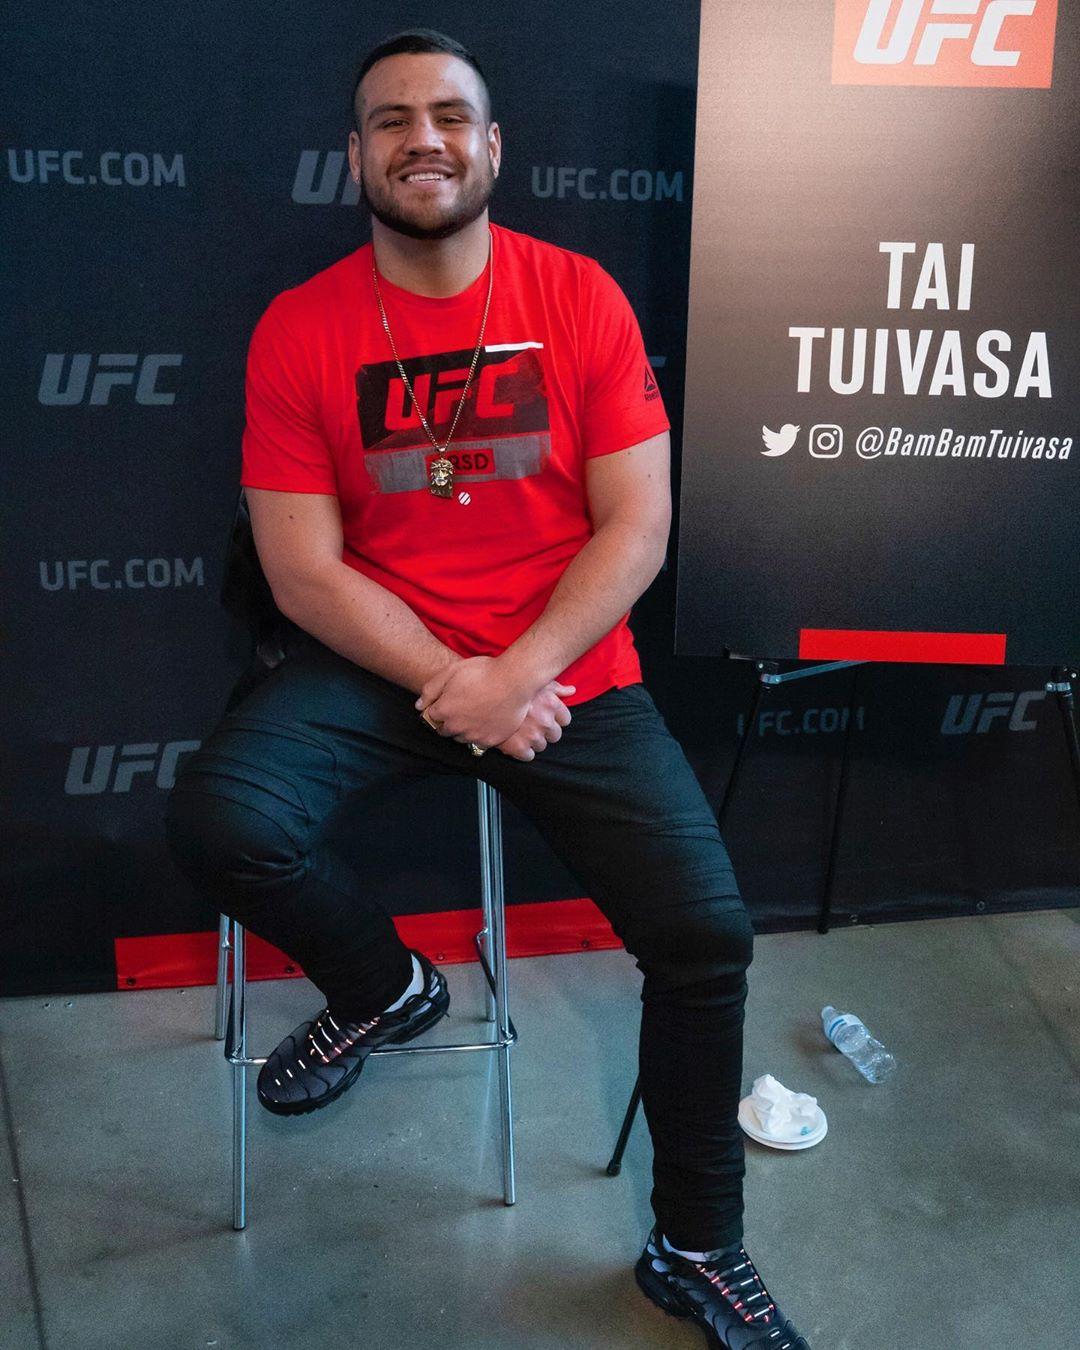 Tai Tuivasa (Instagram)